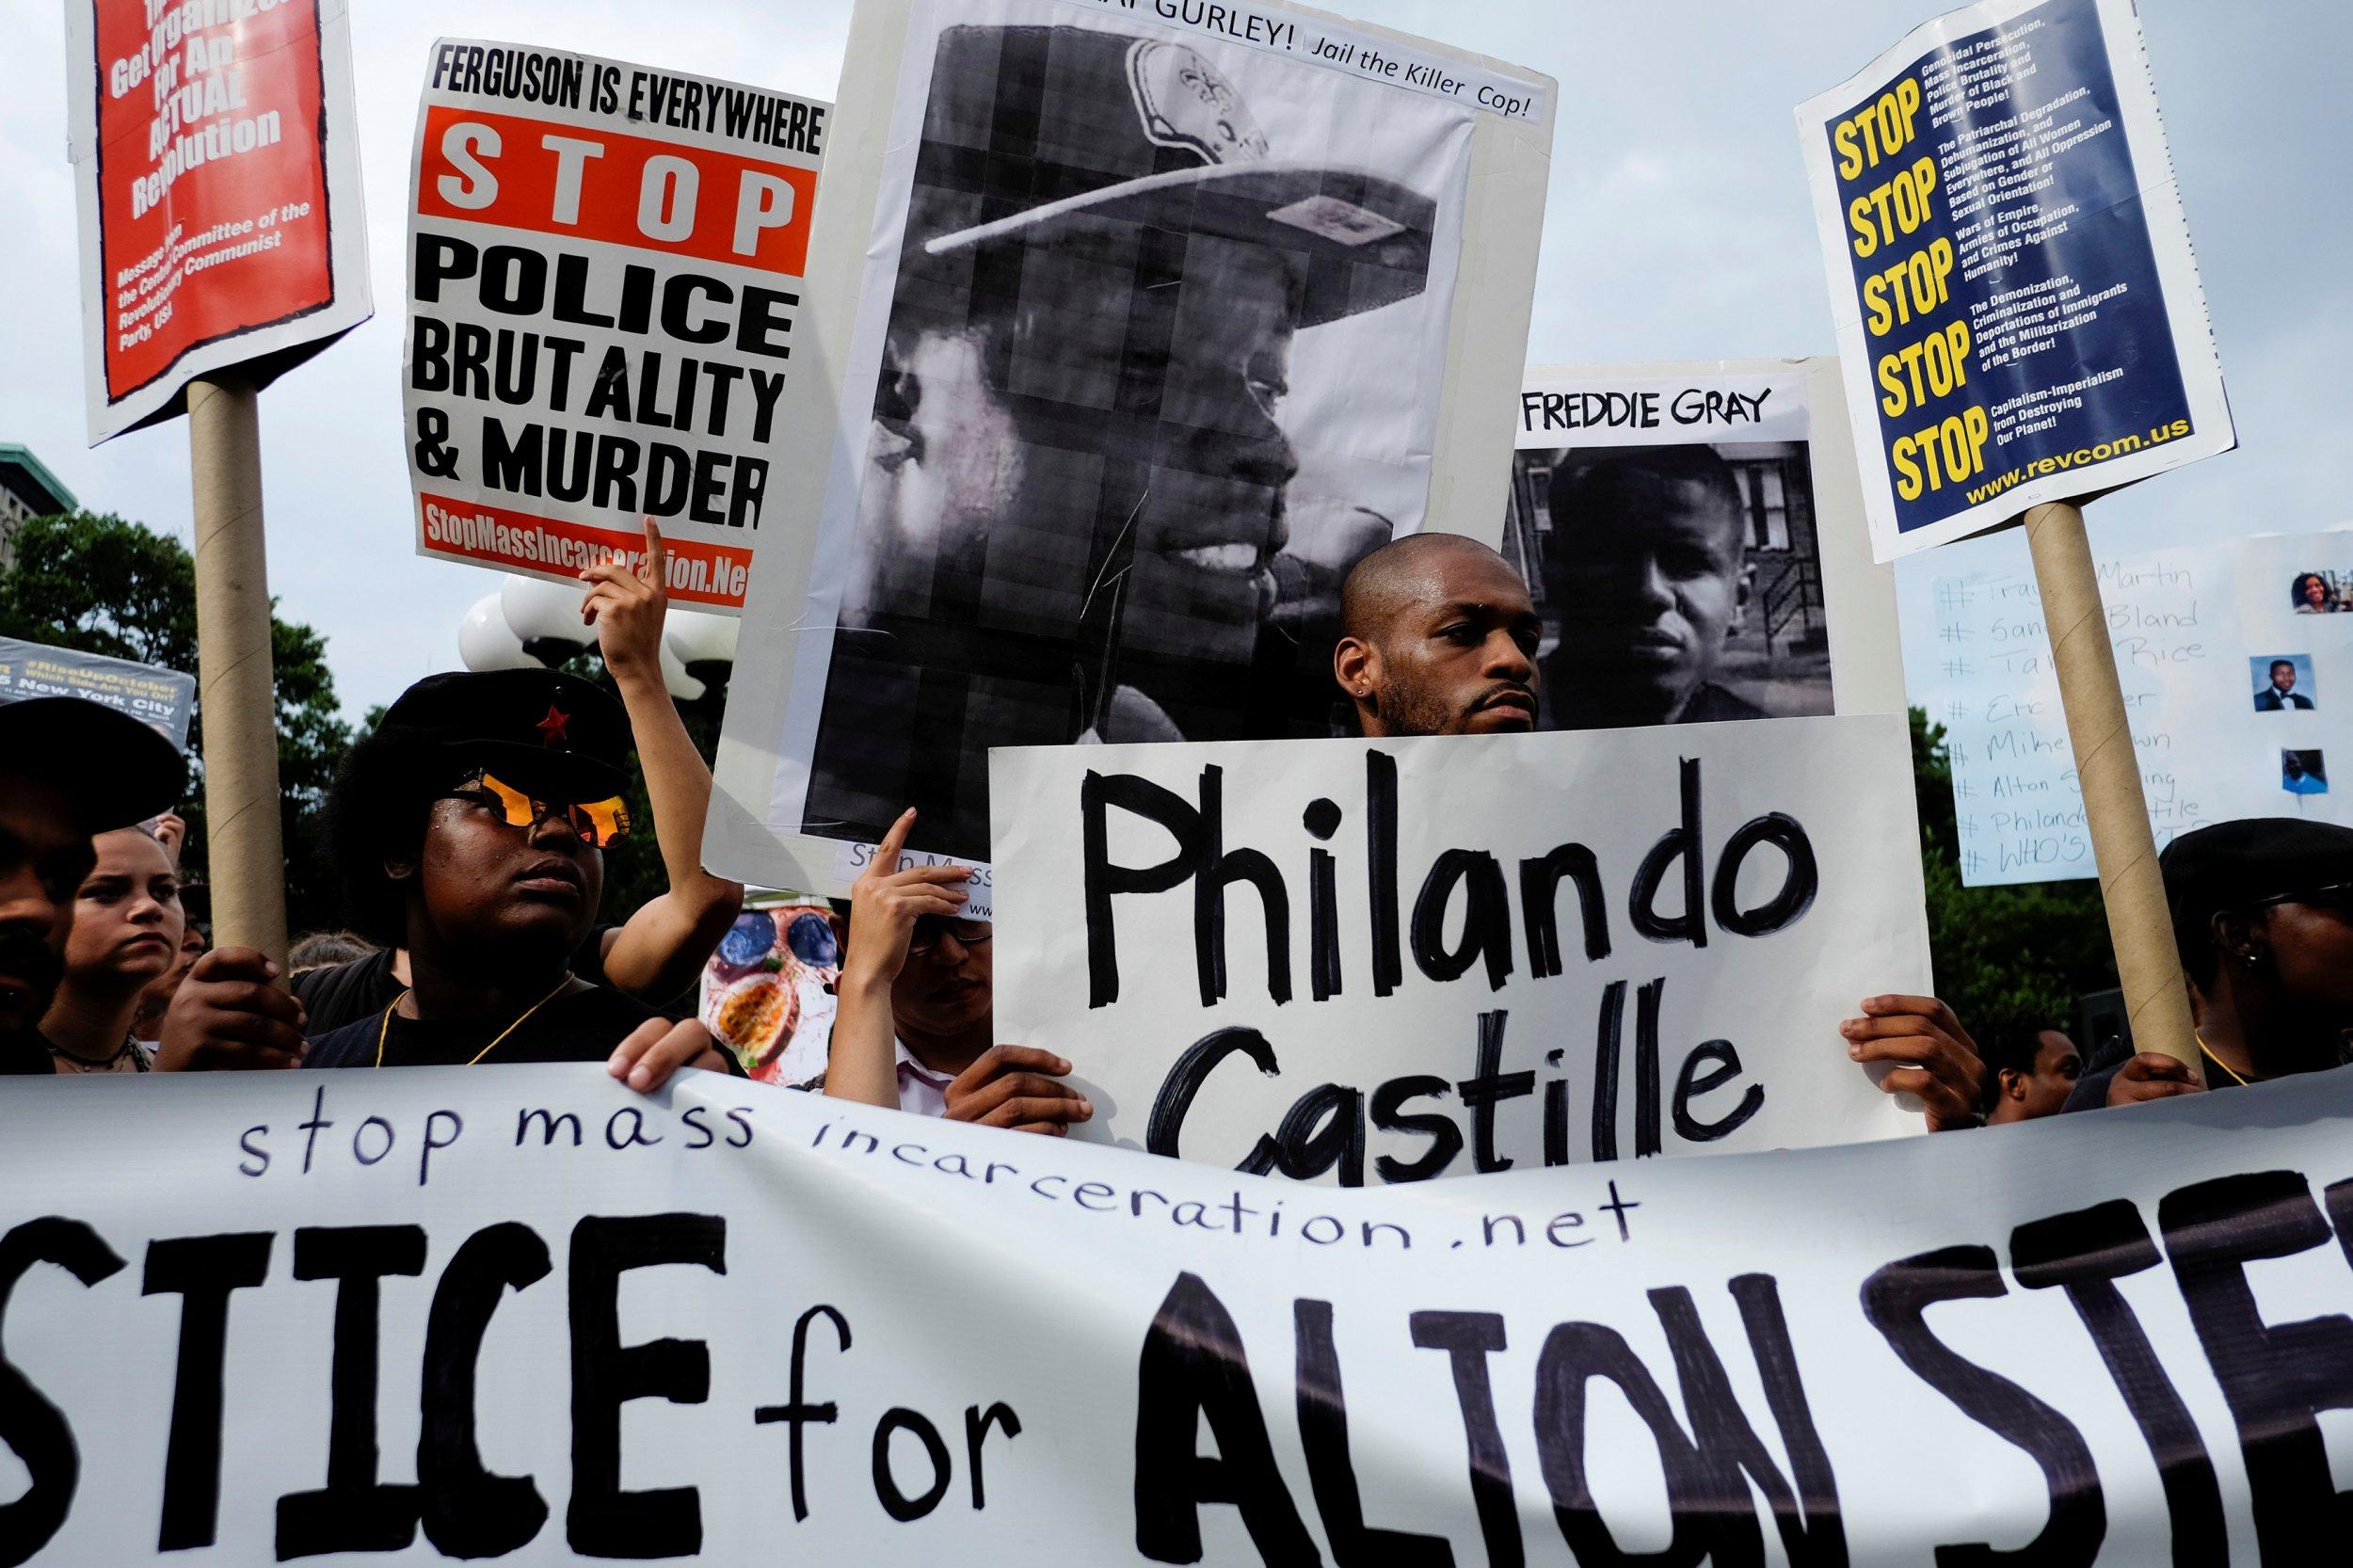 7-8-16 Philando Castile protest